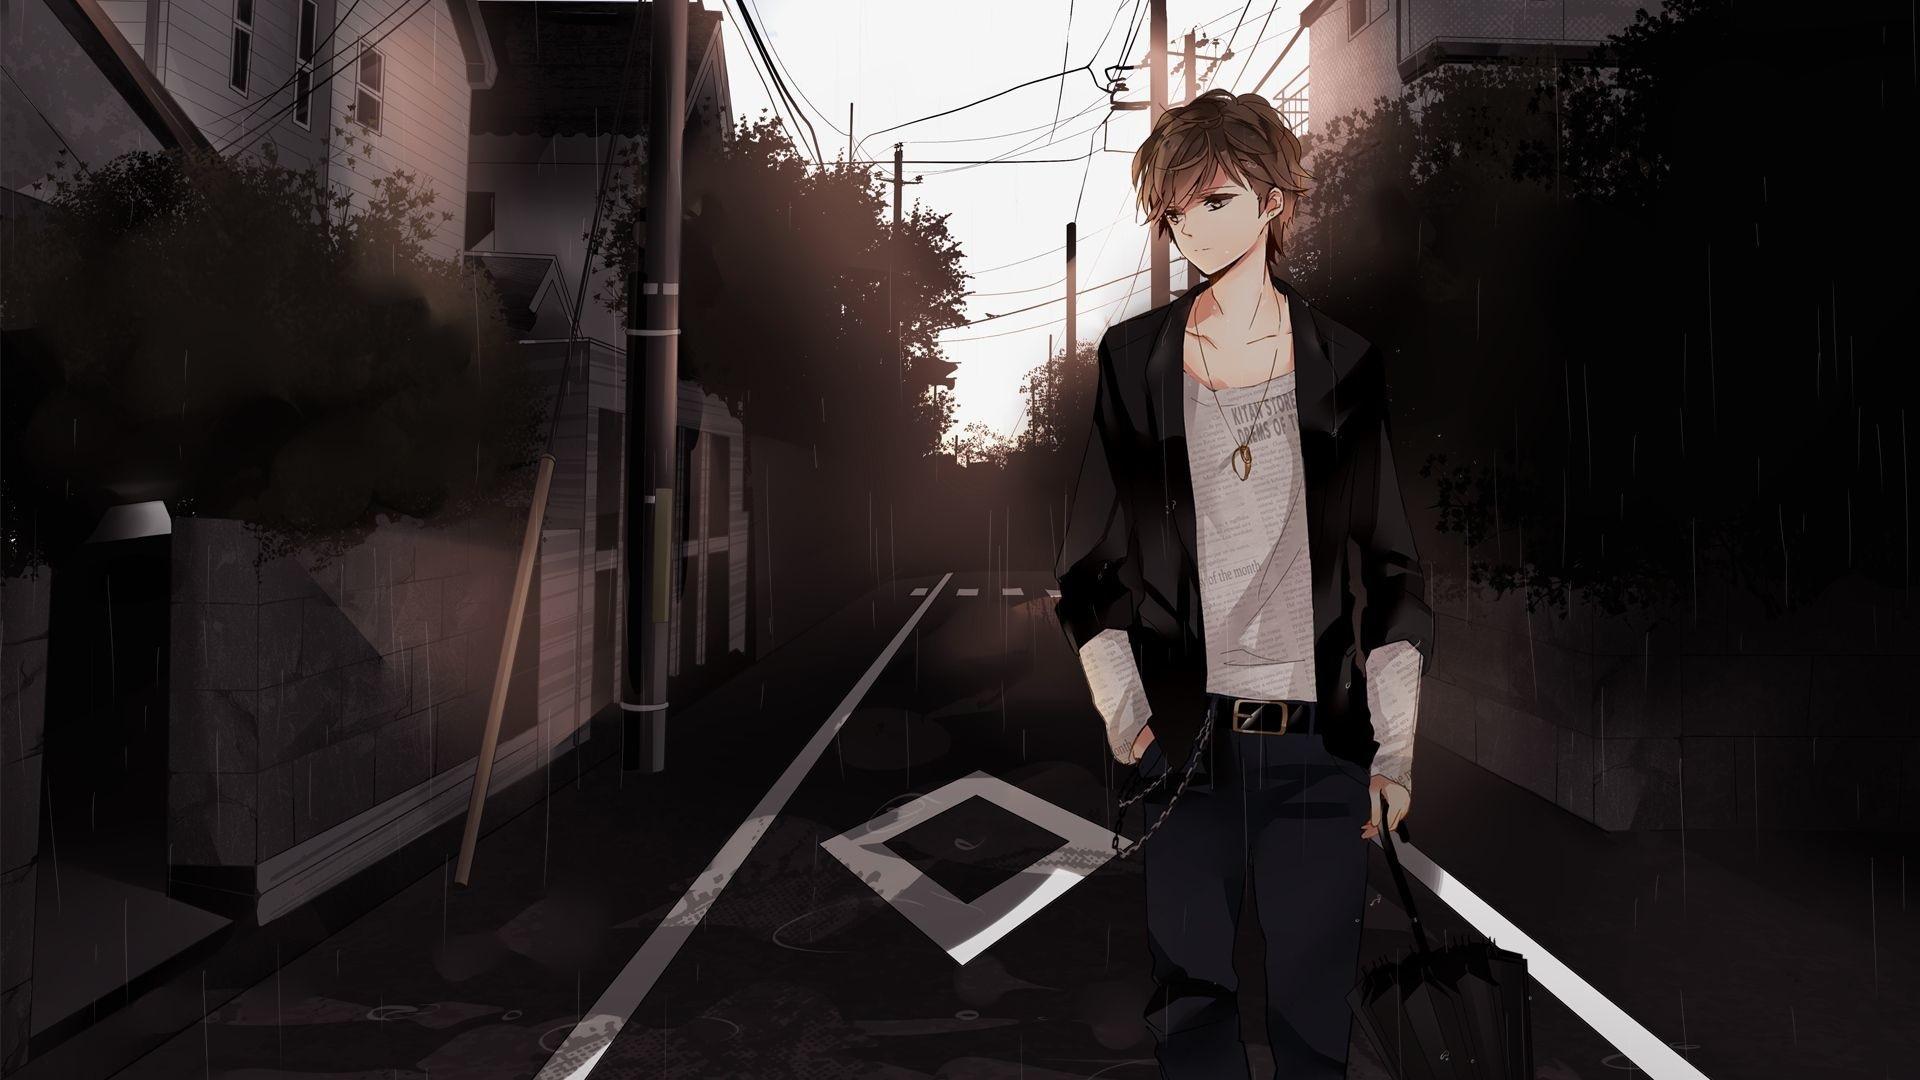 Hình anime trai lạnh lùng, ngầu, buồn